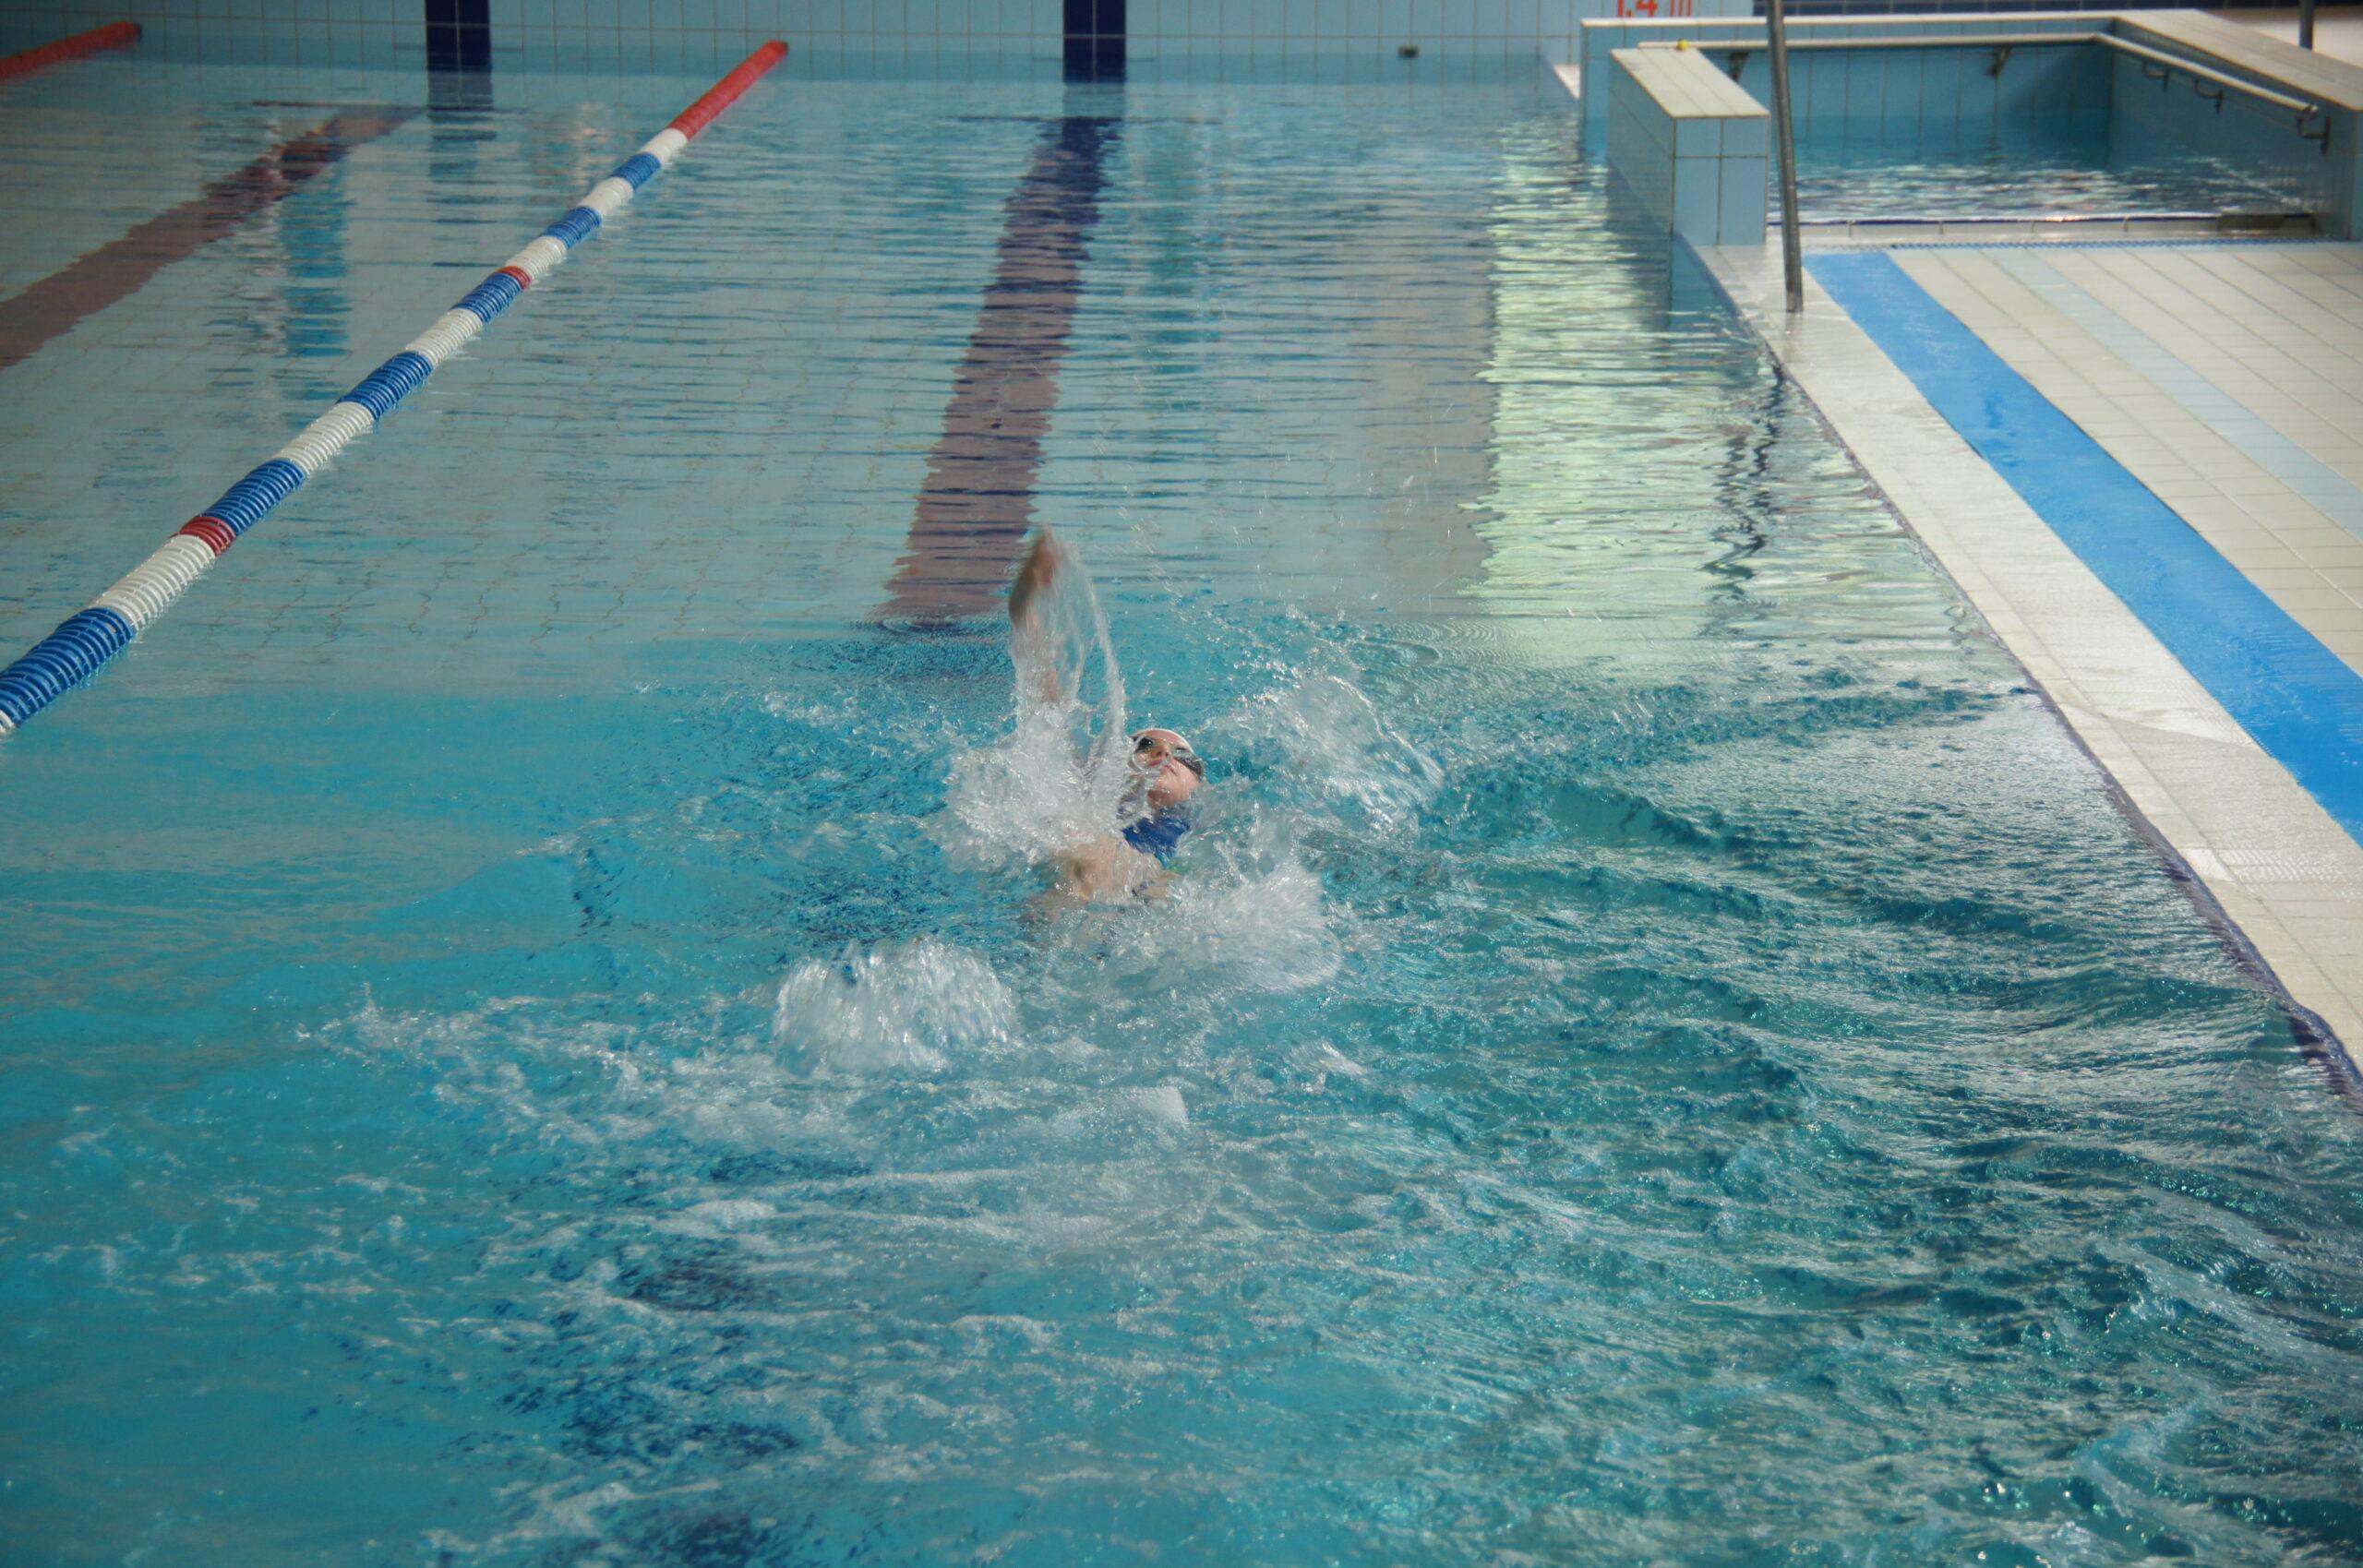 Dziecko płynie podczas zawodów.